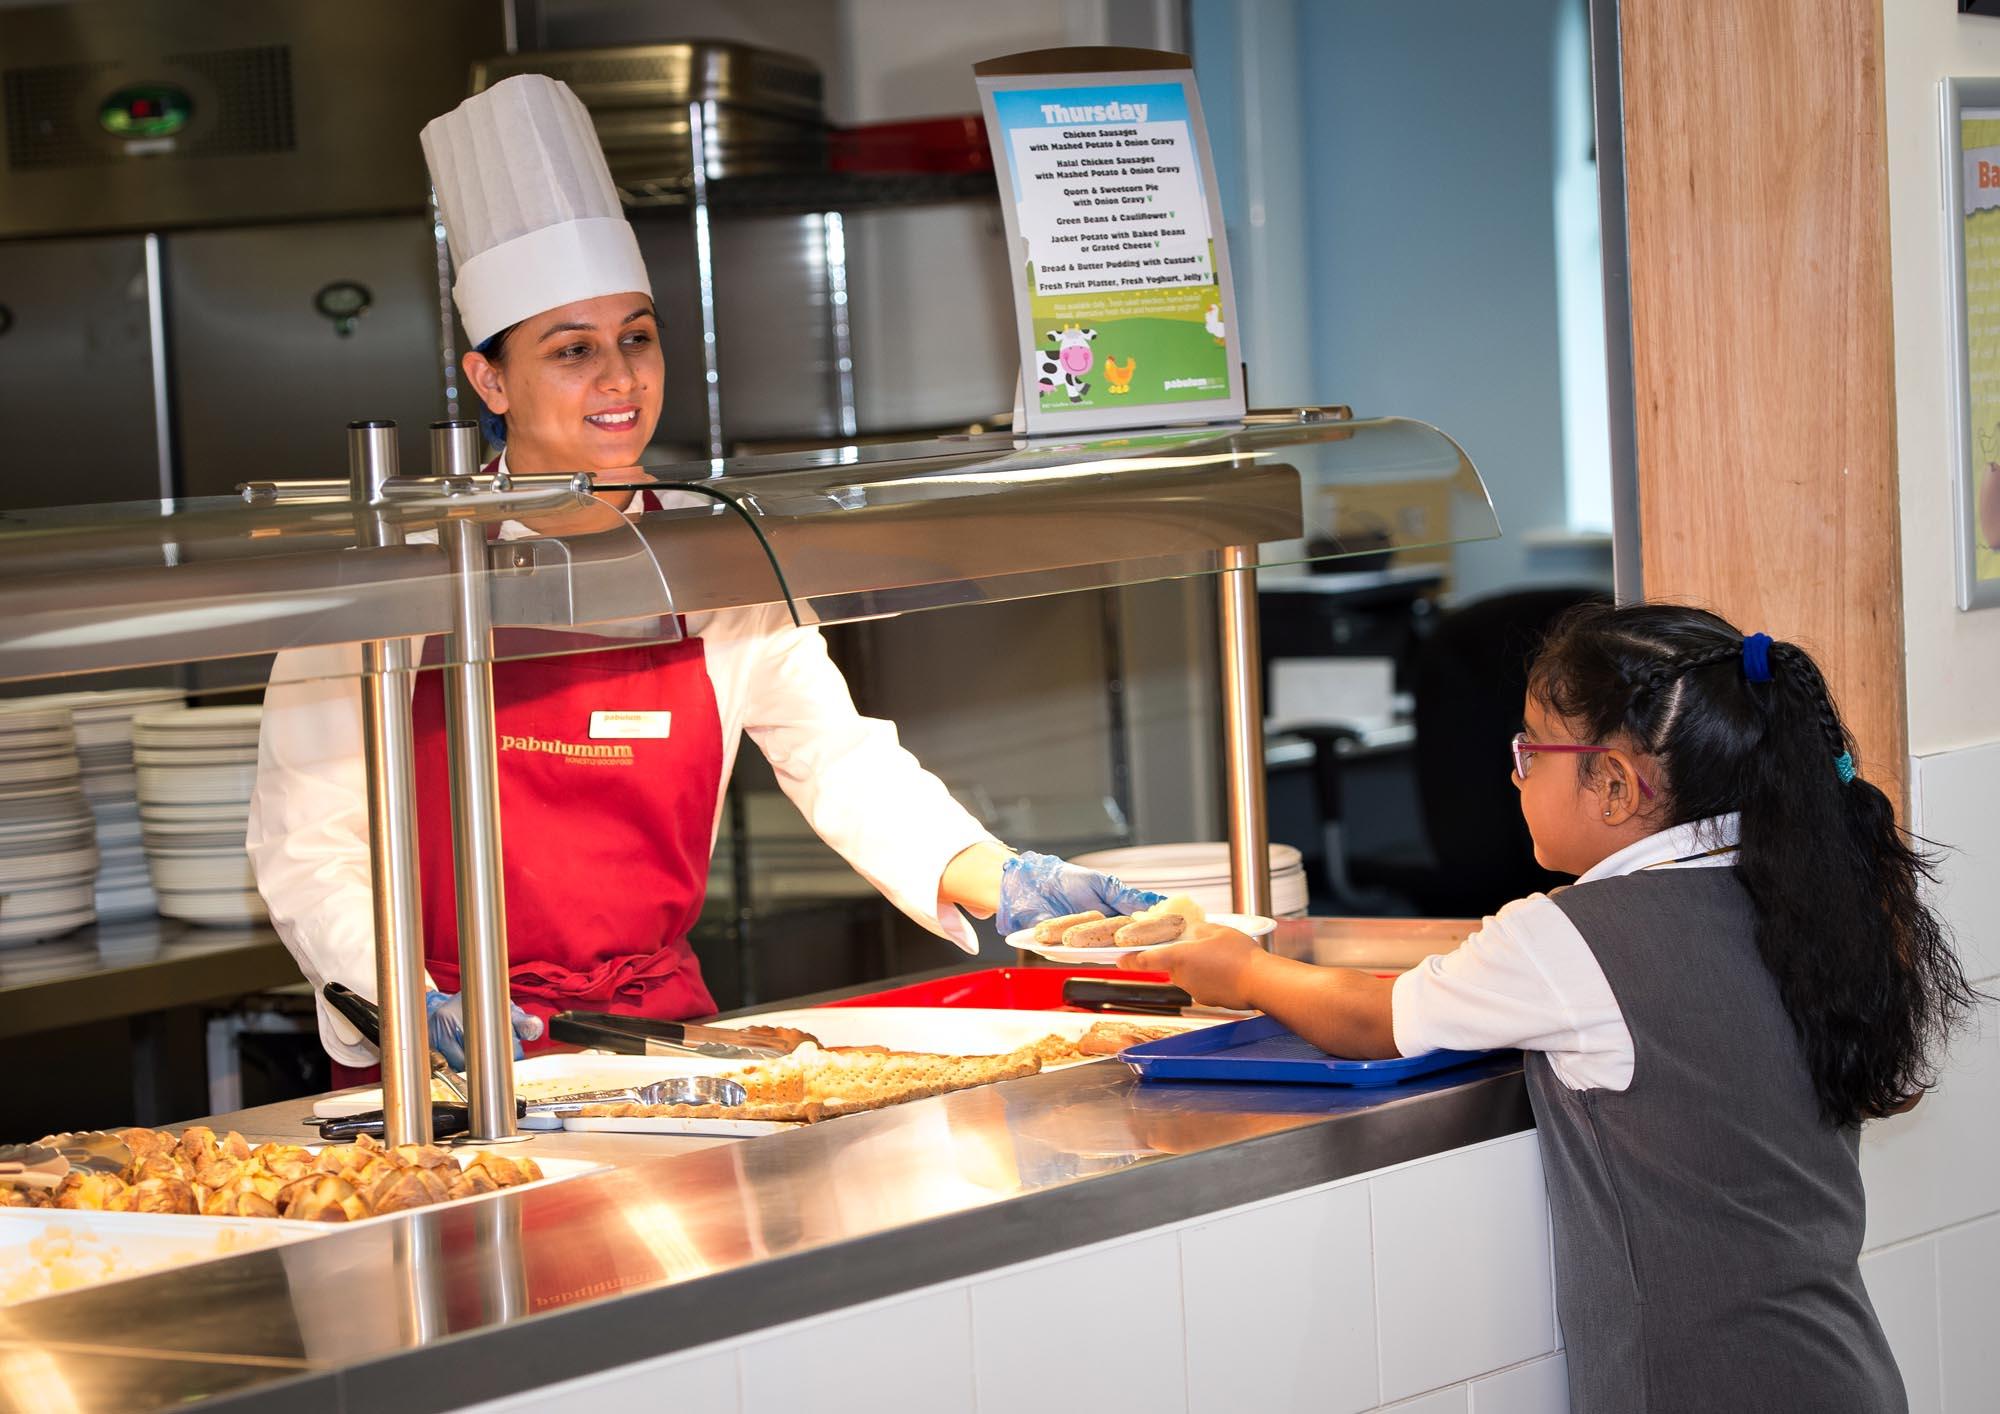 Girl being served dinner by kitchen staff